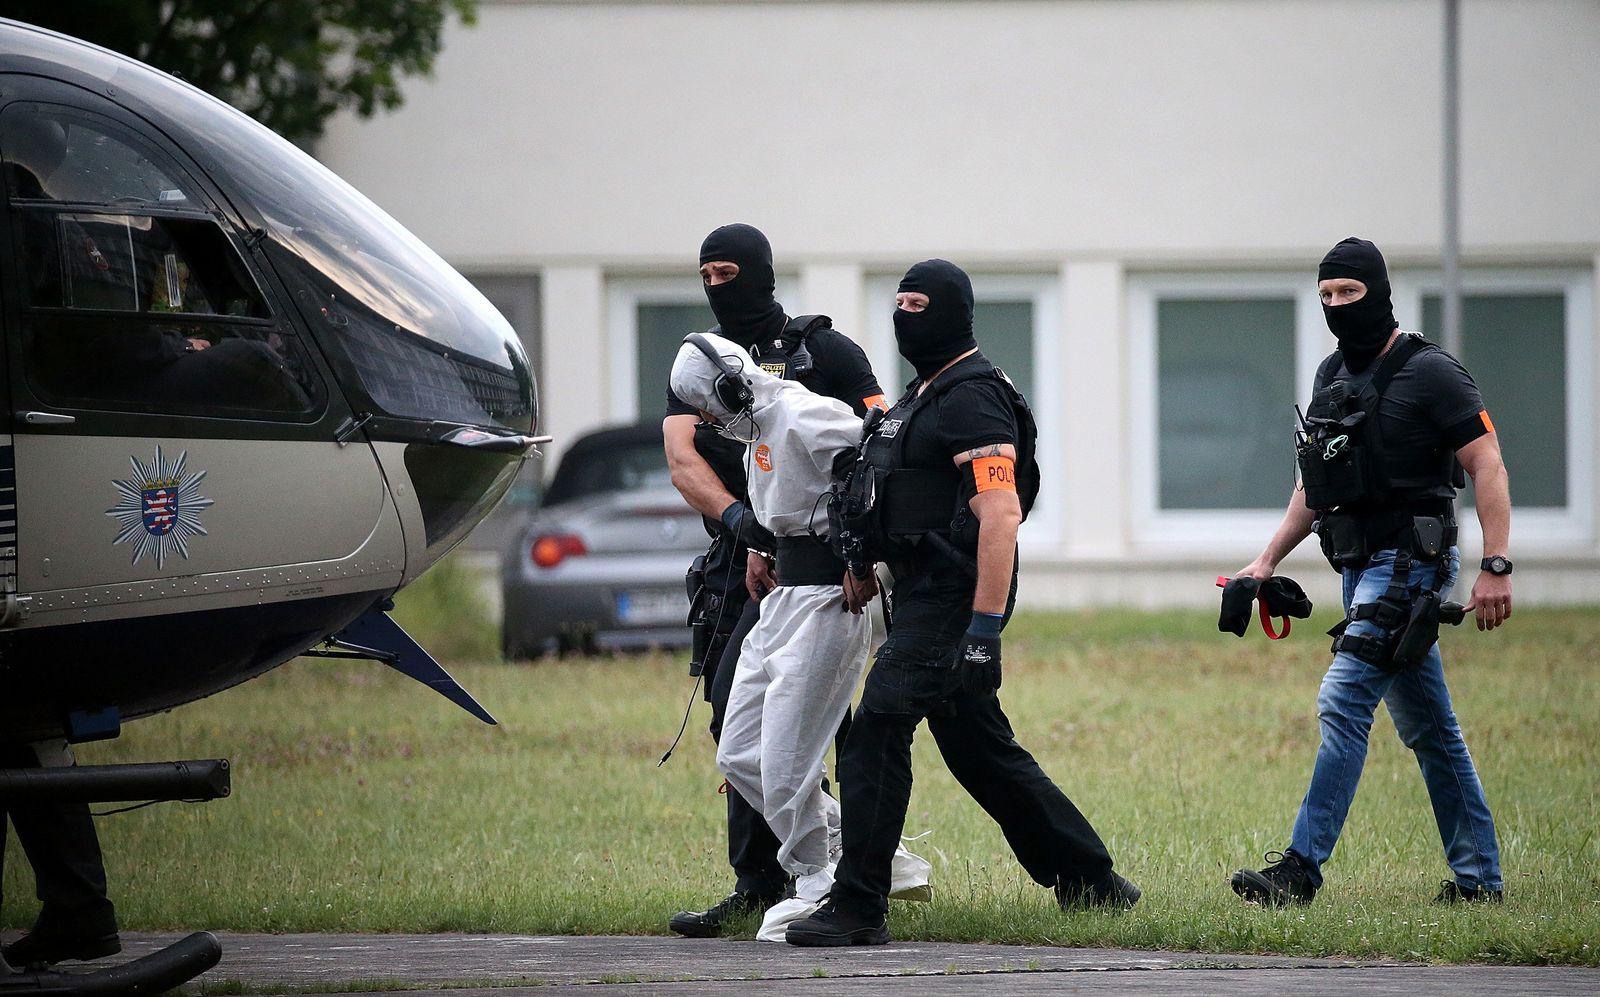 Todesfall Susanna - Tatverdächtiger kommt in U-Haft